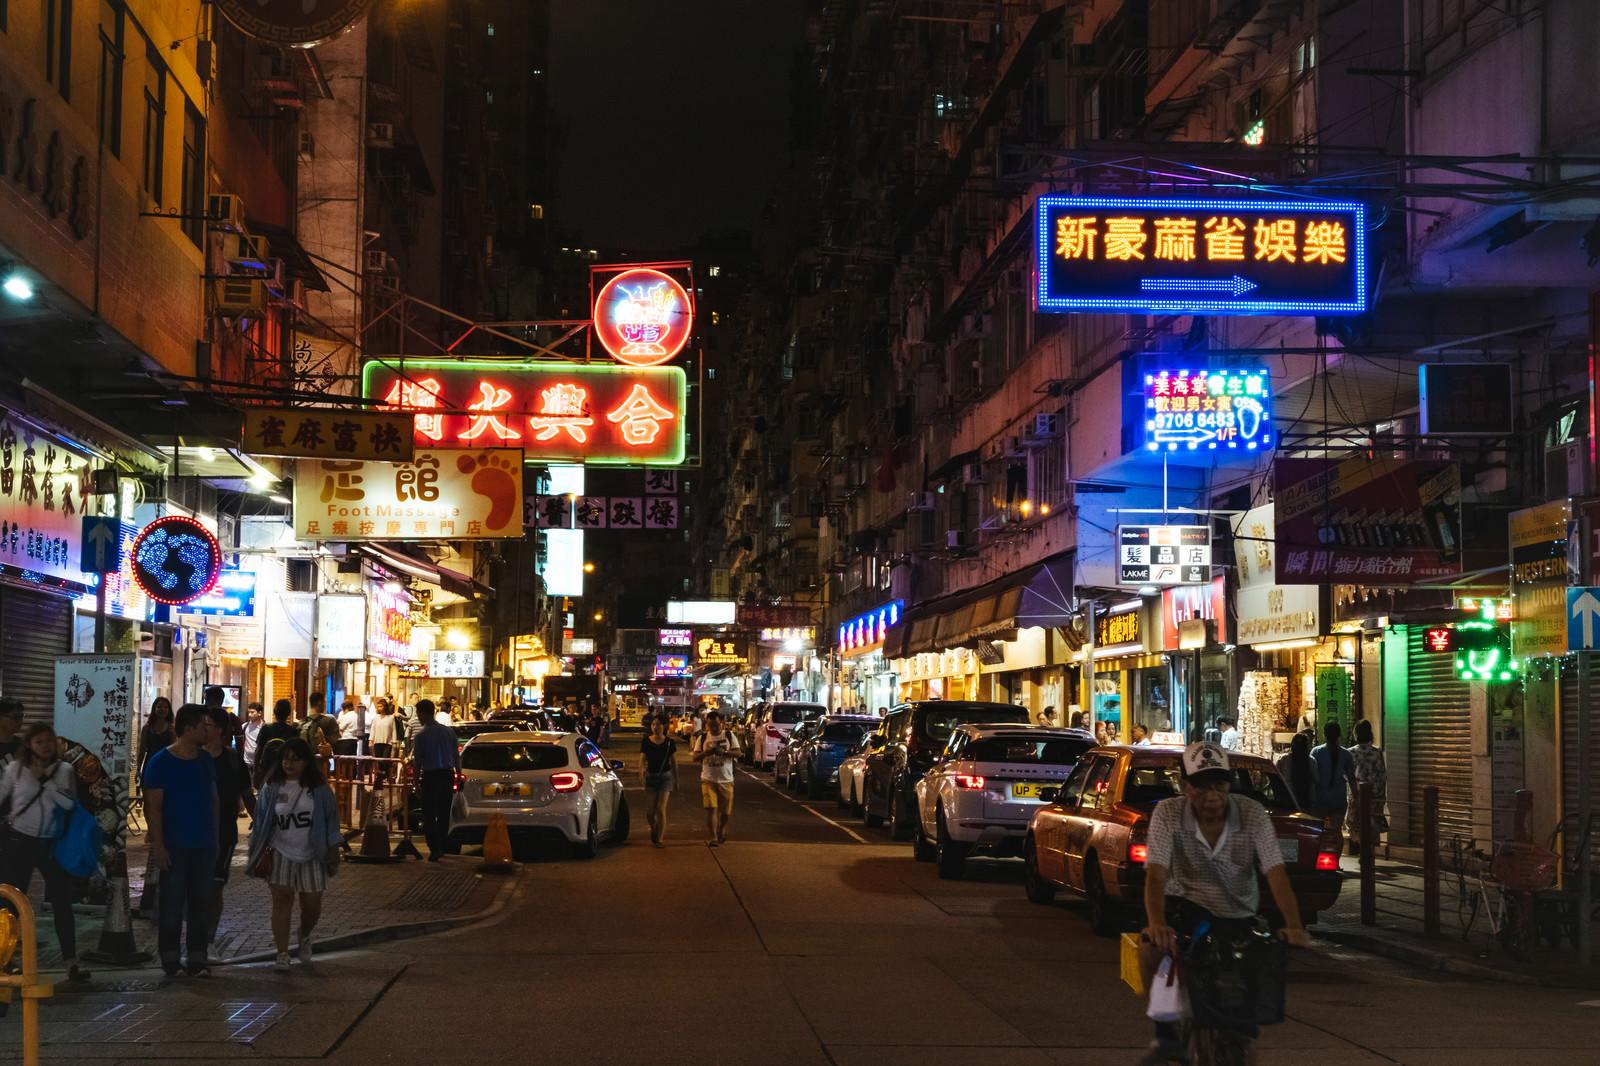 「ネオン輝く香港の繁華街 | 写真の無料素材・フリー素材 - ぱくたそ」の写真